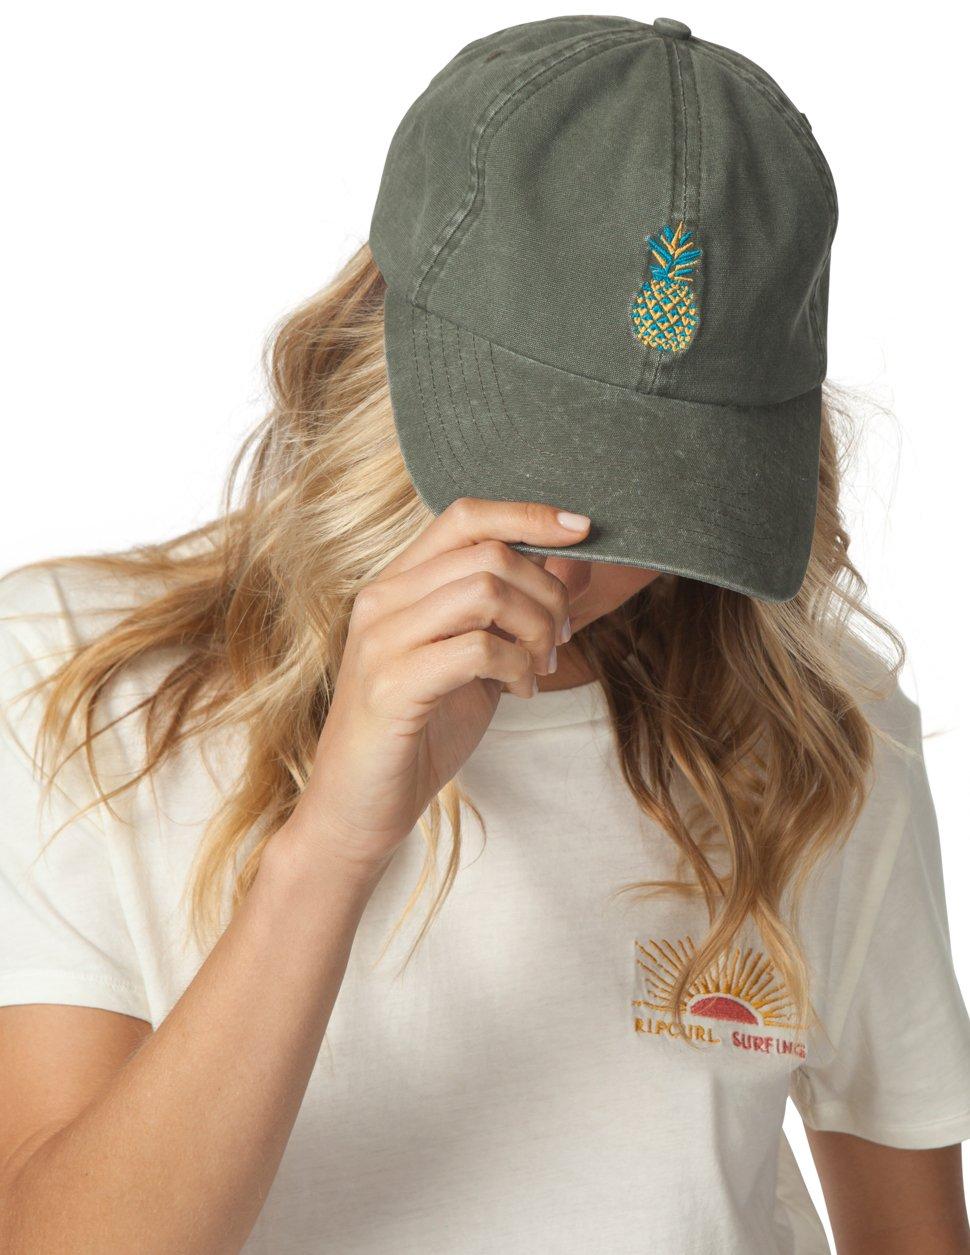 Rip Curl Beach Stitch Cap - 9349193562157 2ce4b644adb6